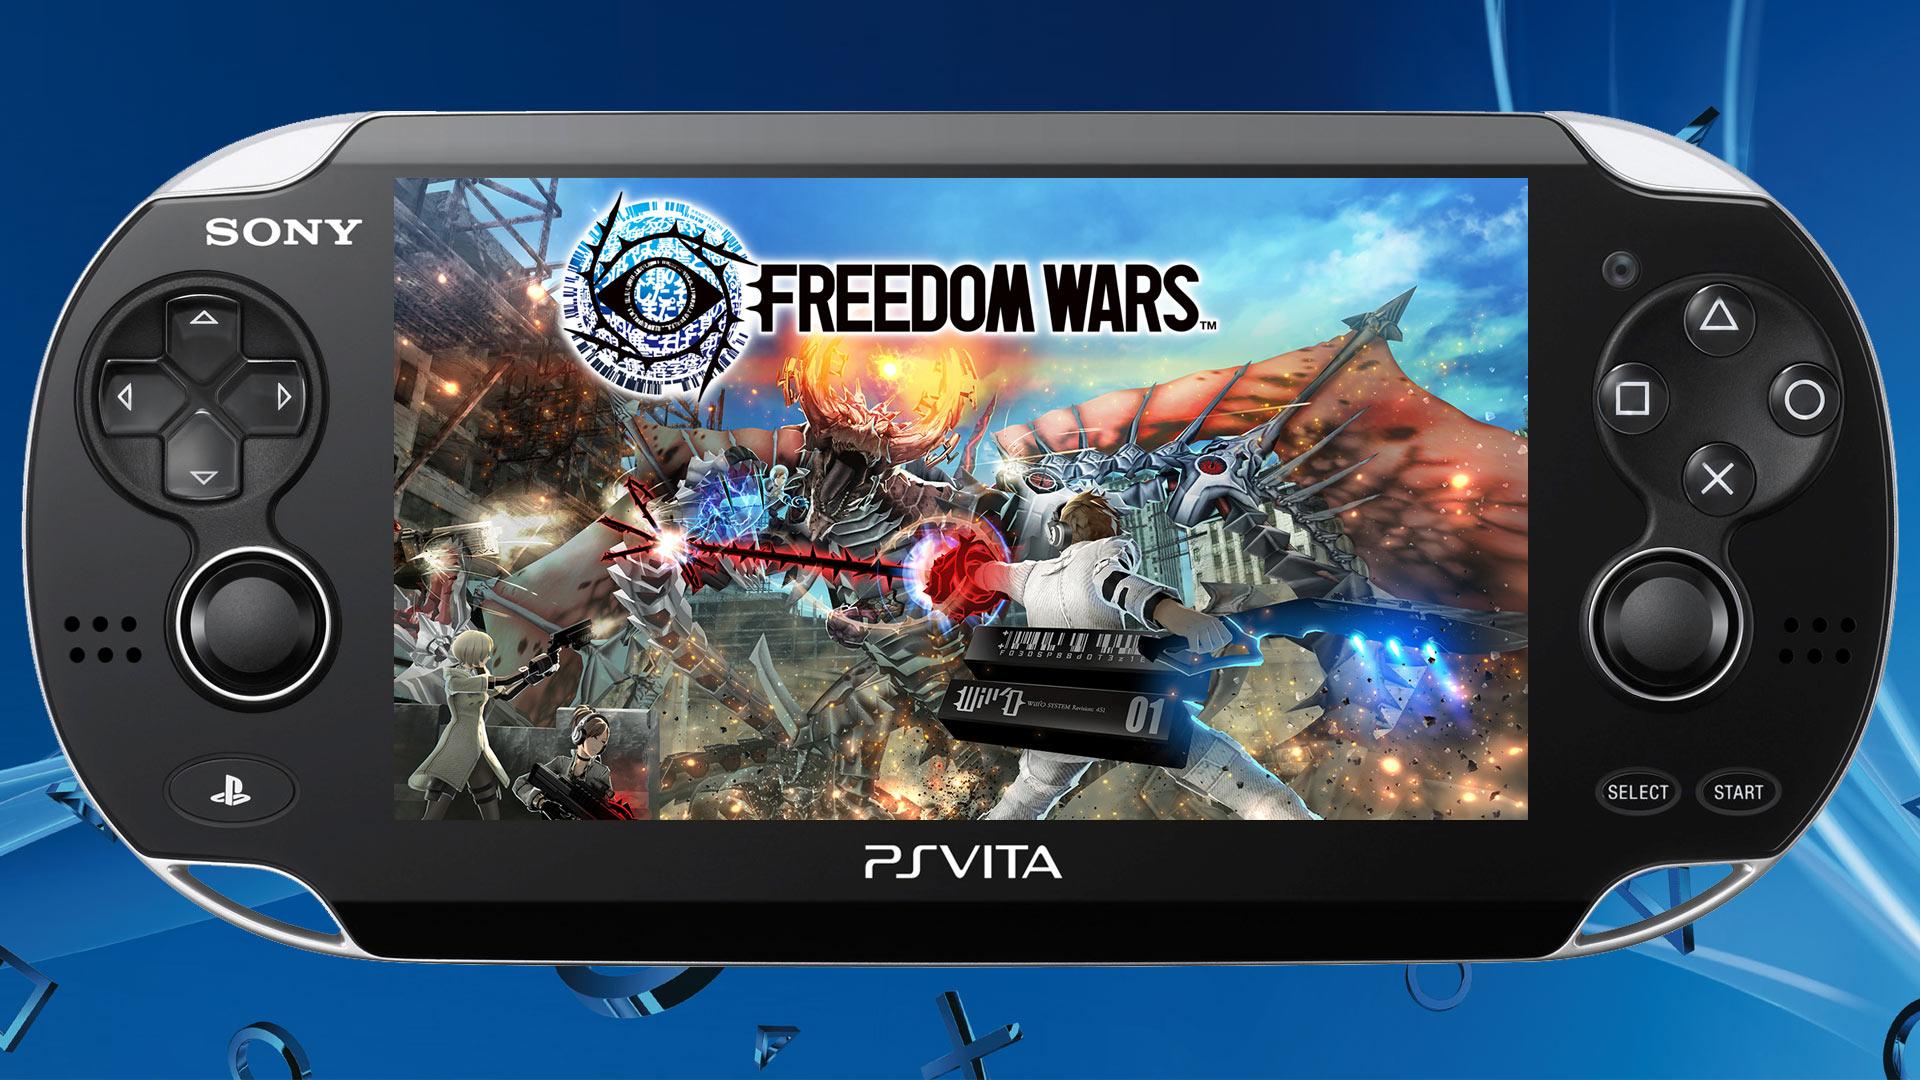 Freedomwarsbg